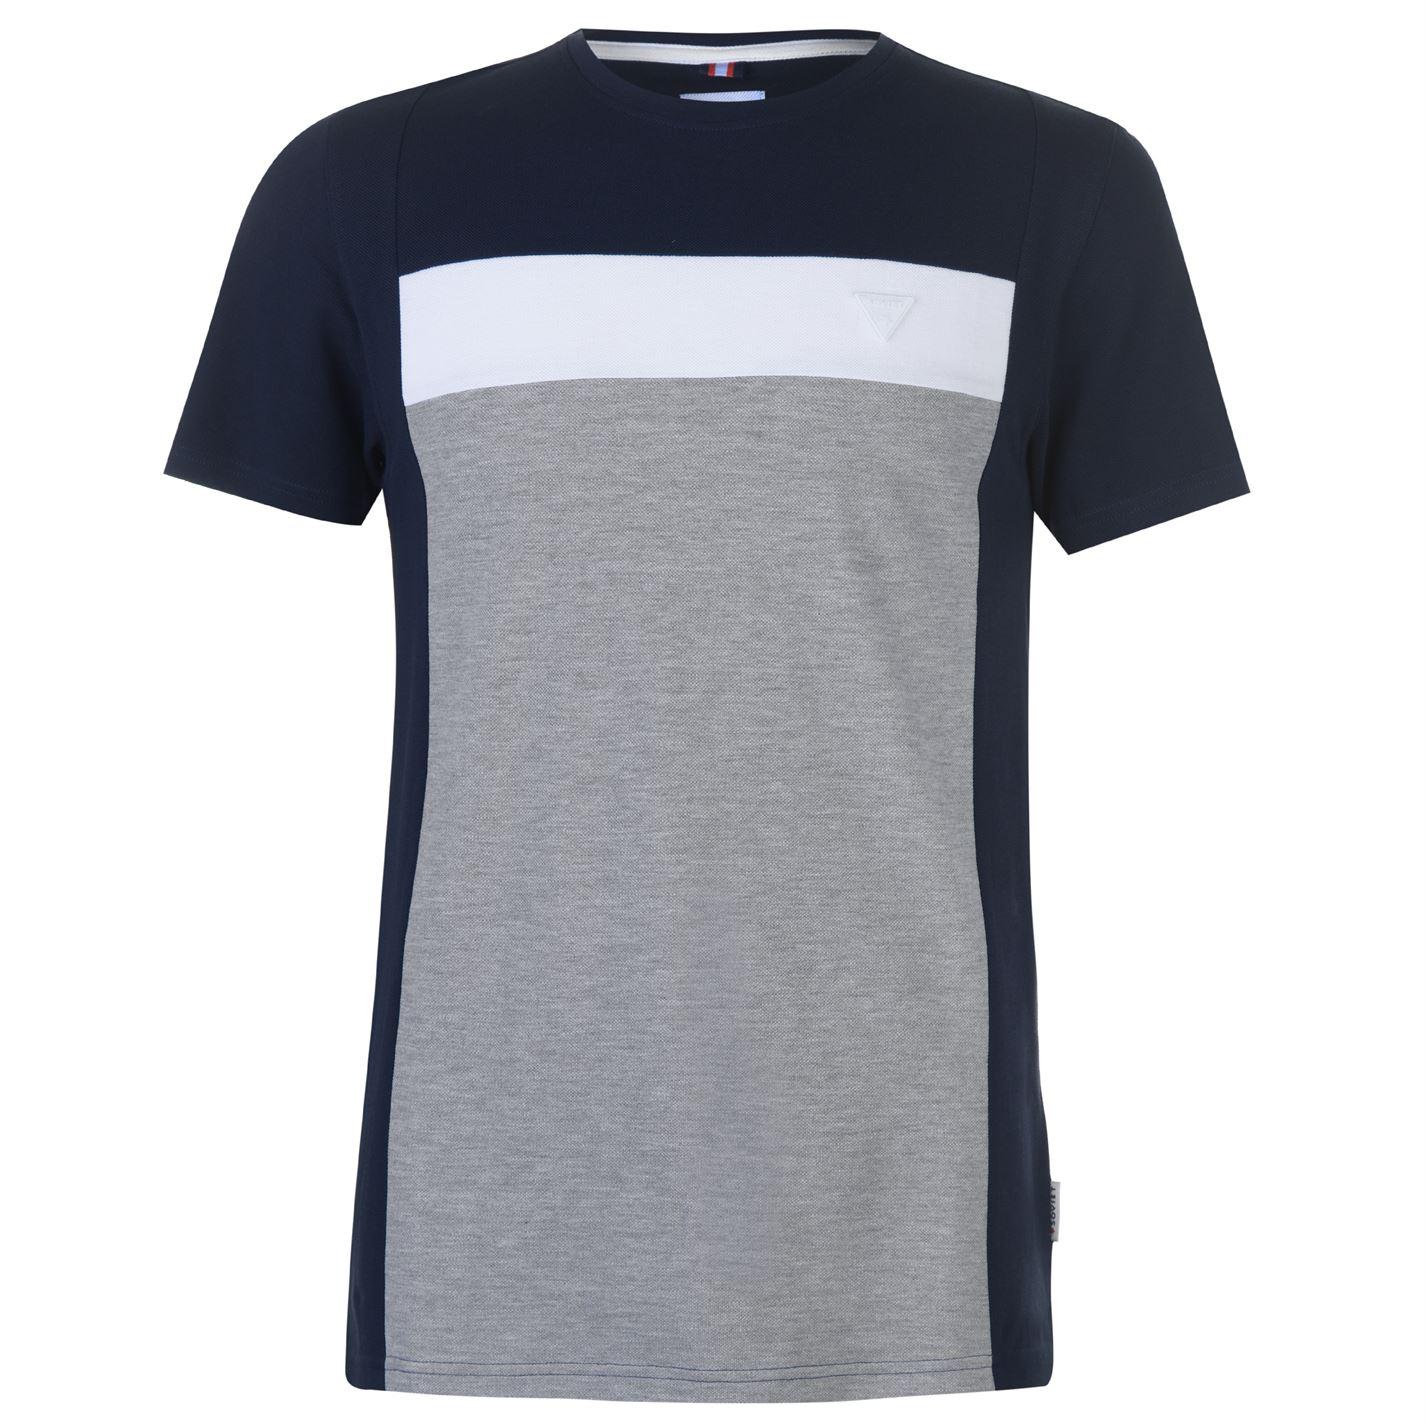 b0abf85fb1df Tričko s krátkym rukávom Soviet Chest Stripe T Shirt - Glami.sk